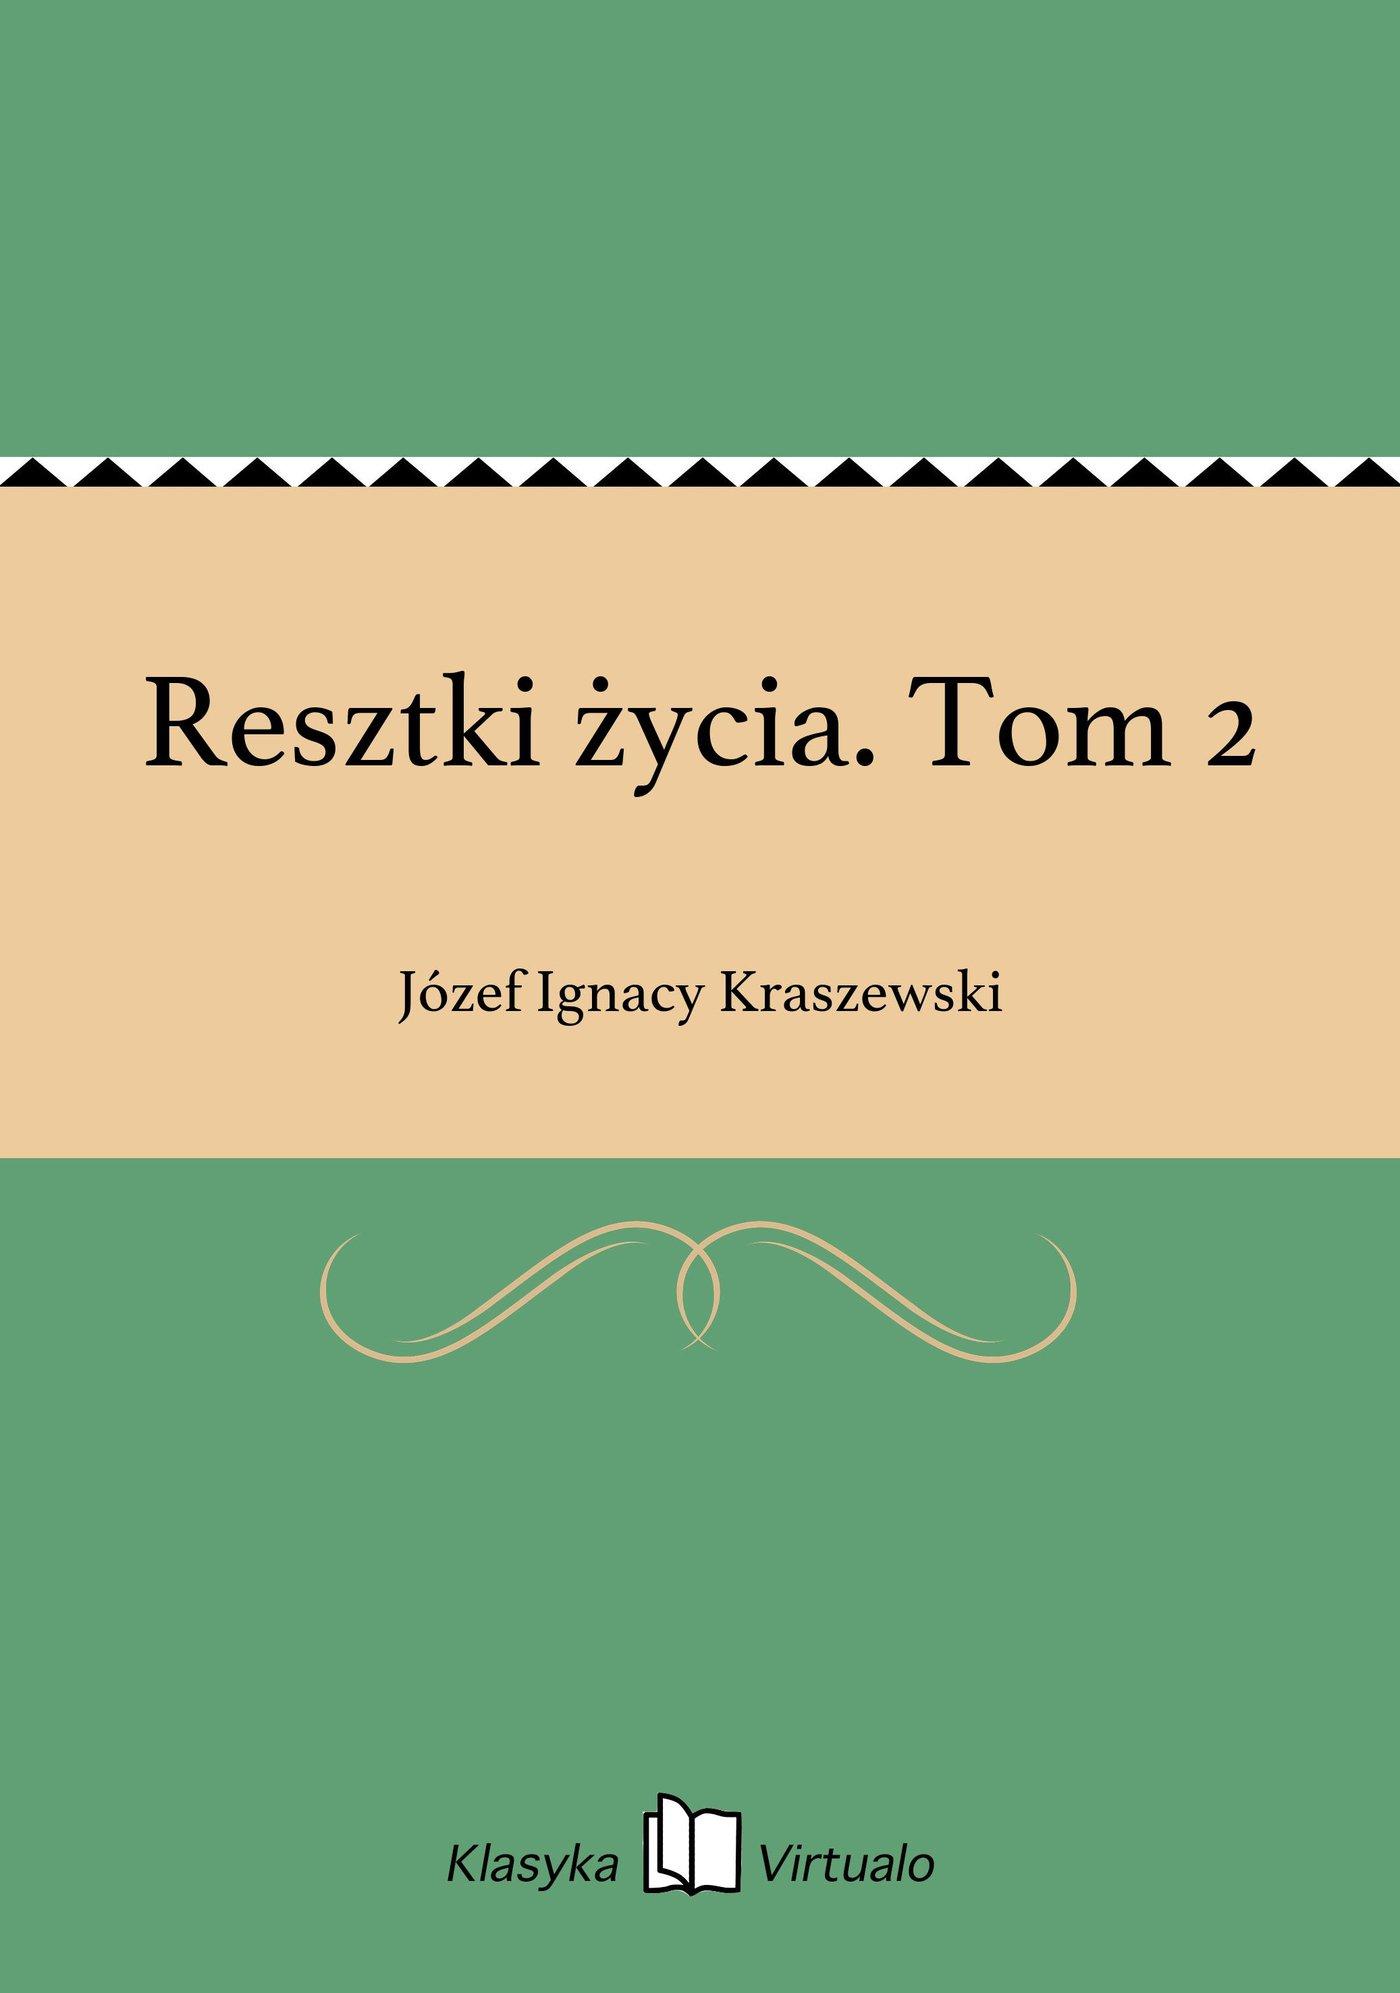 Resztki życia. Tom 2 - Ebook (Książka EPUB) do pobrania w formacie EPUB